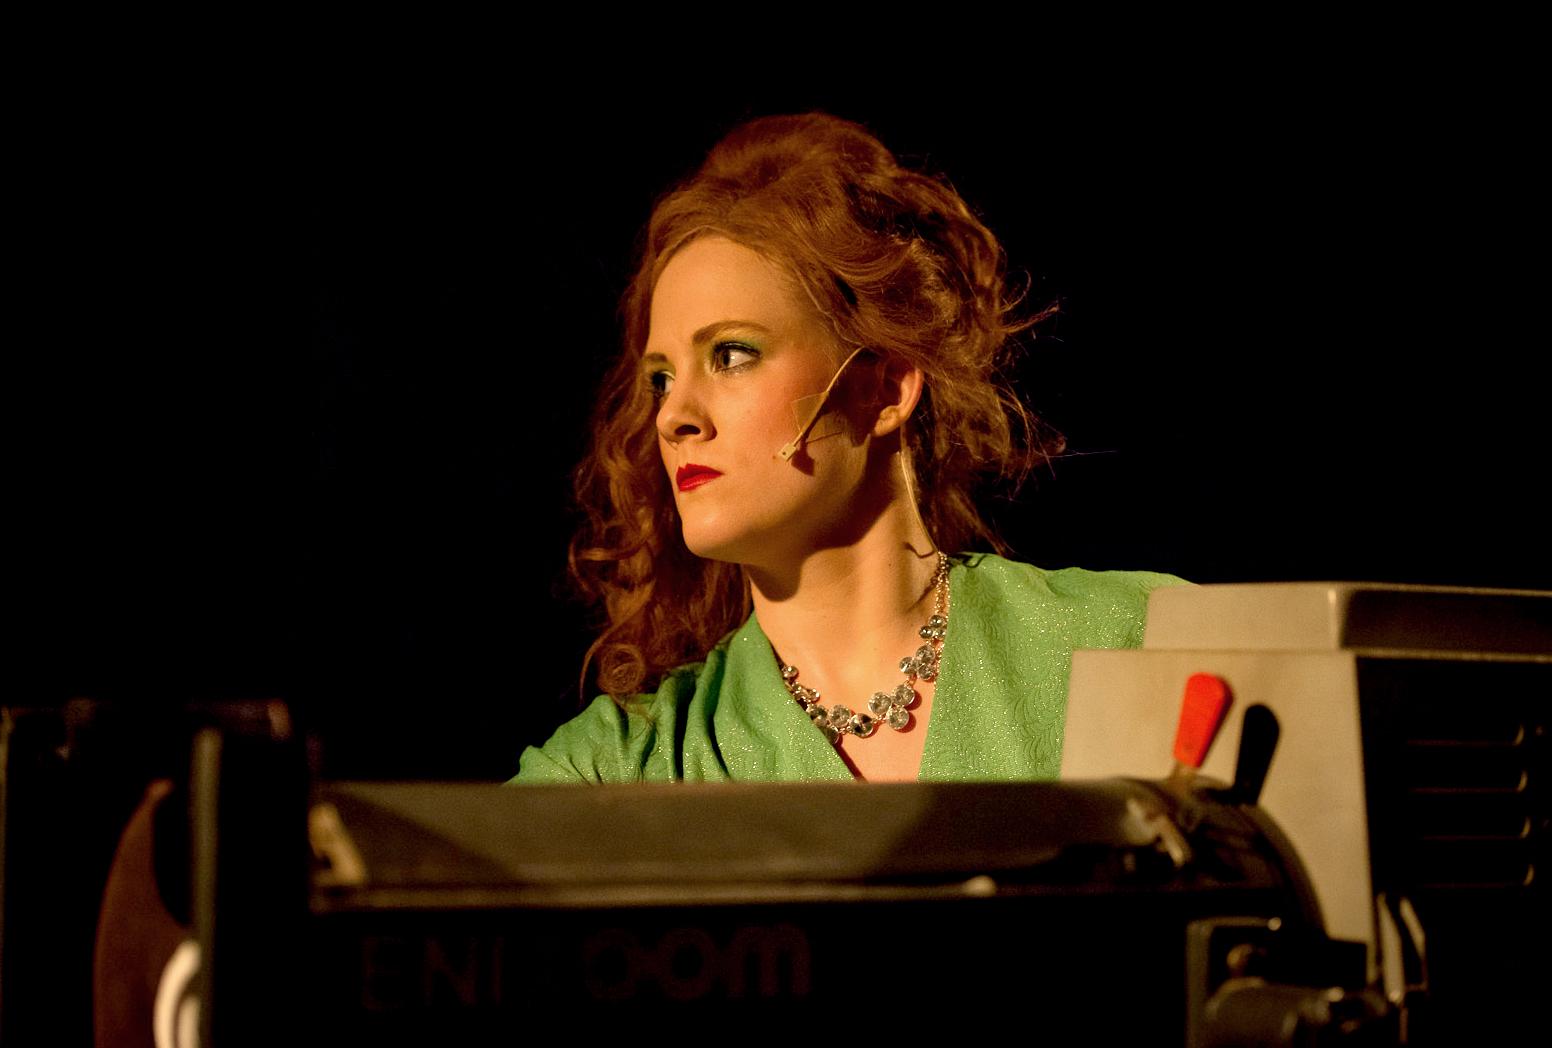 2013 Hairspray - Velma von Tussle